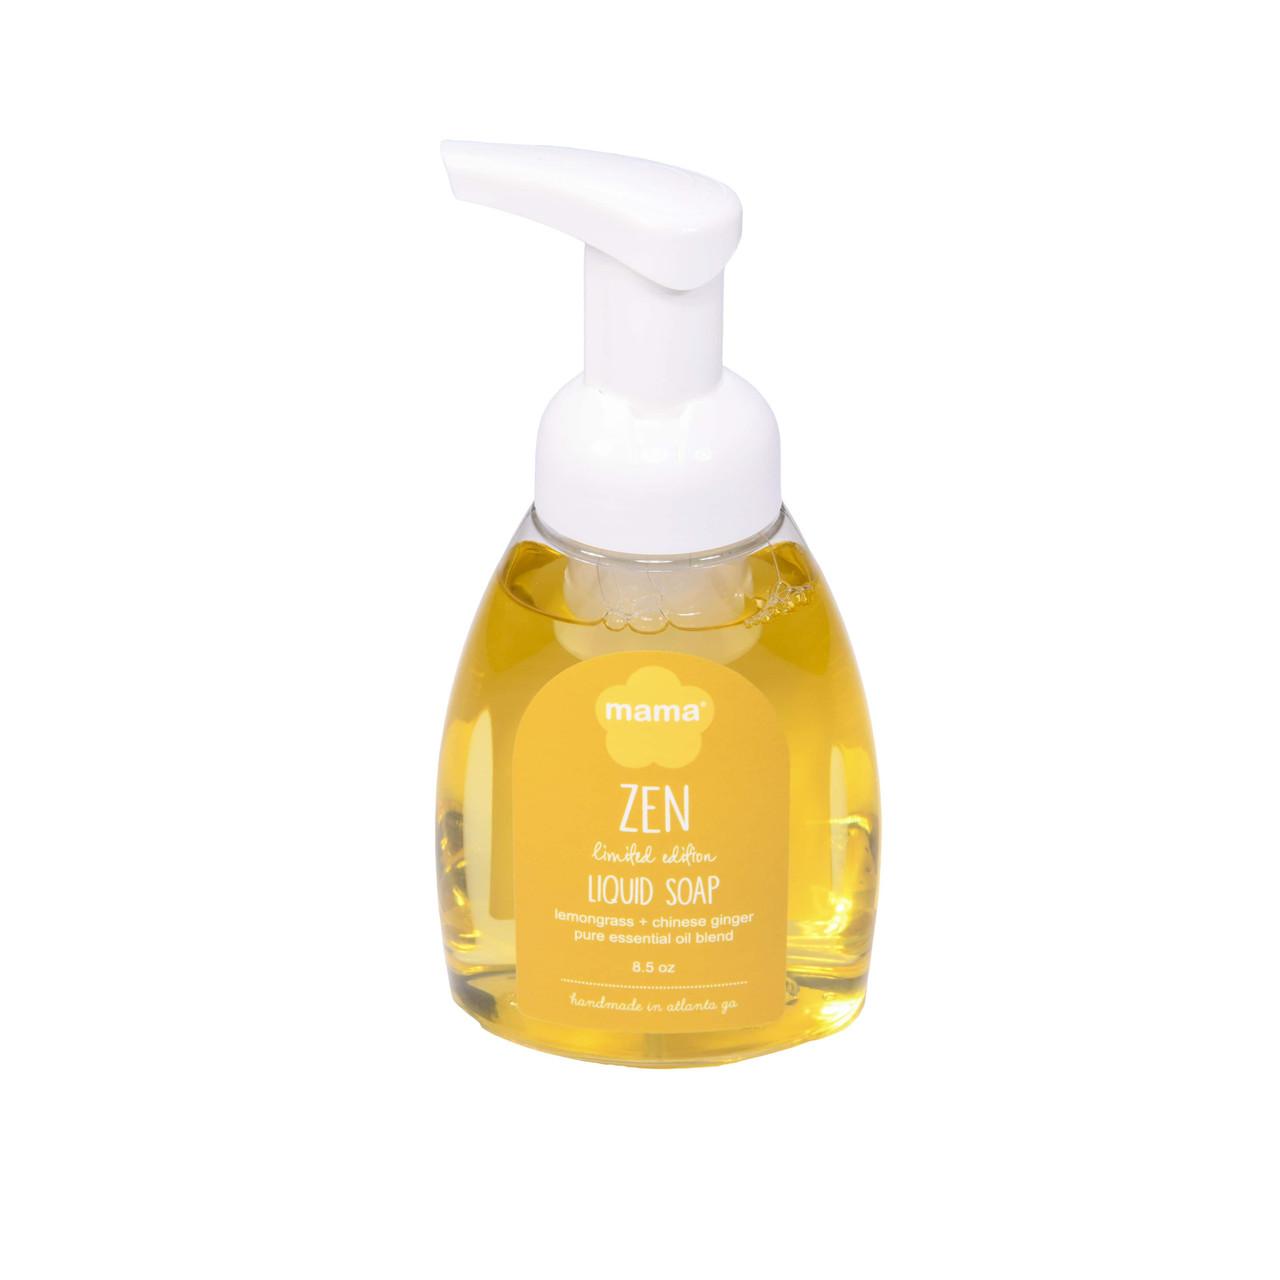 Zen (Lemongrass + Ginger) Liquid Soap   Mama Bath + Body